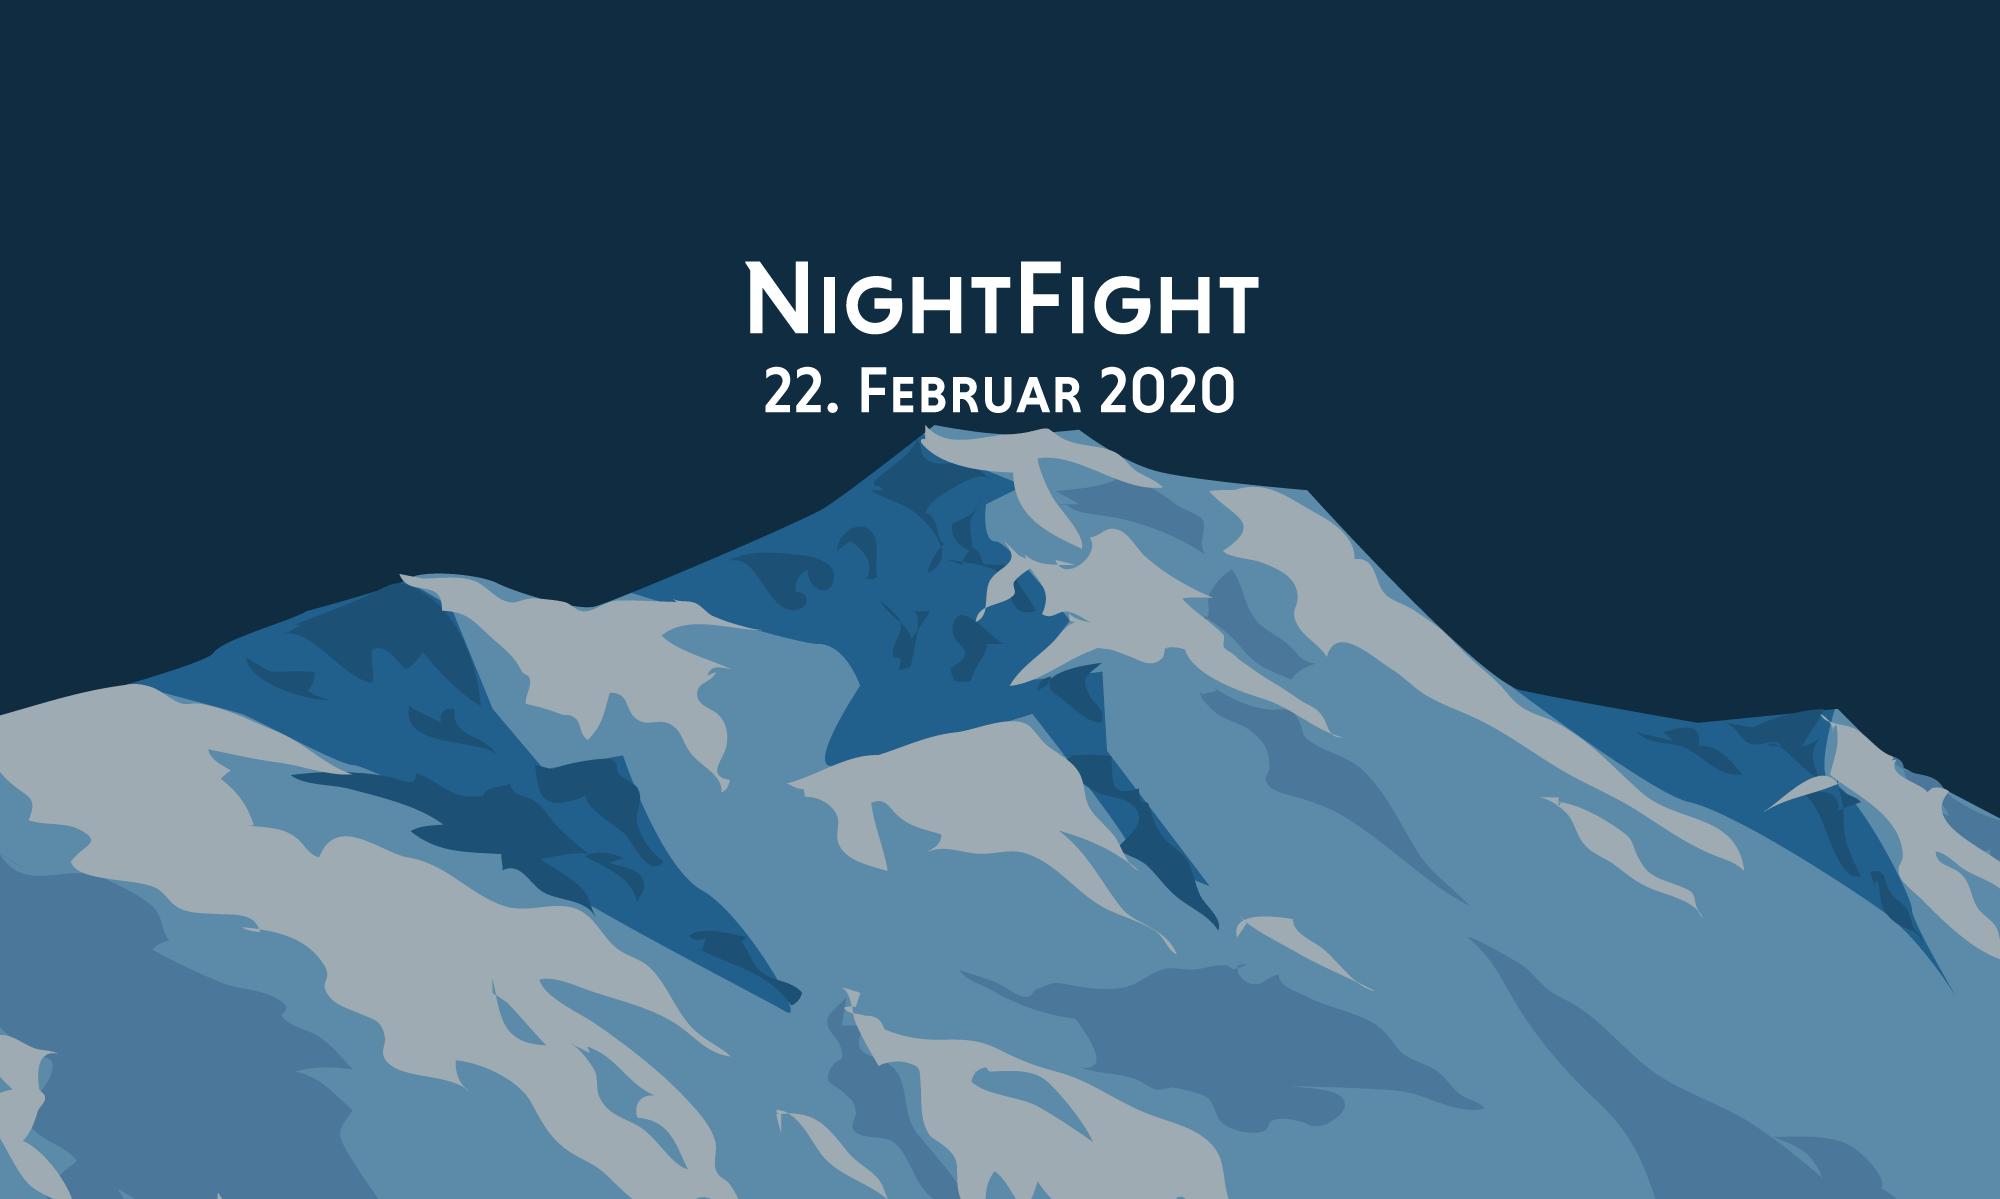 NightFight